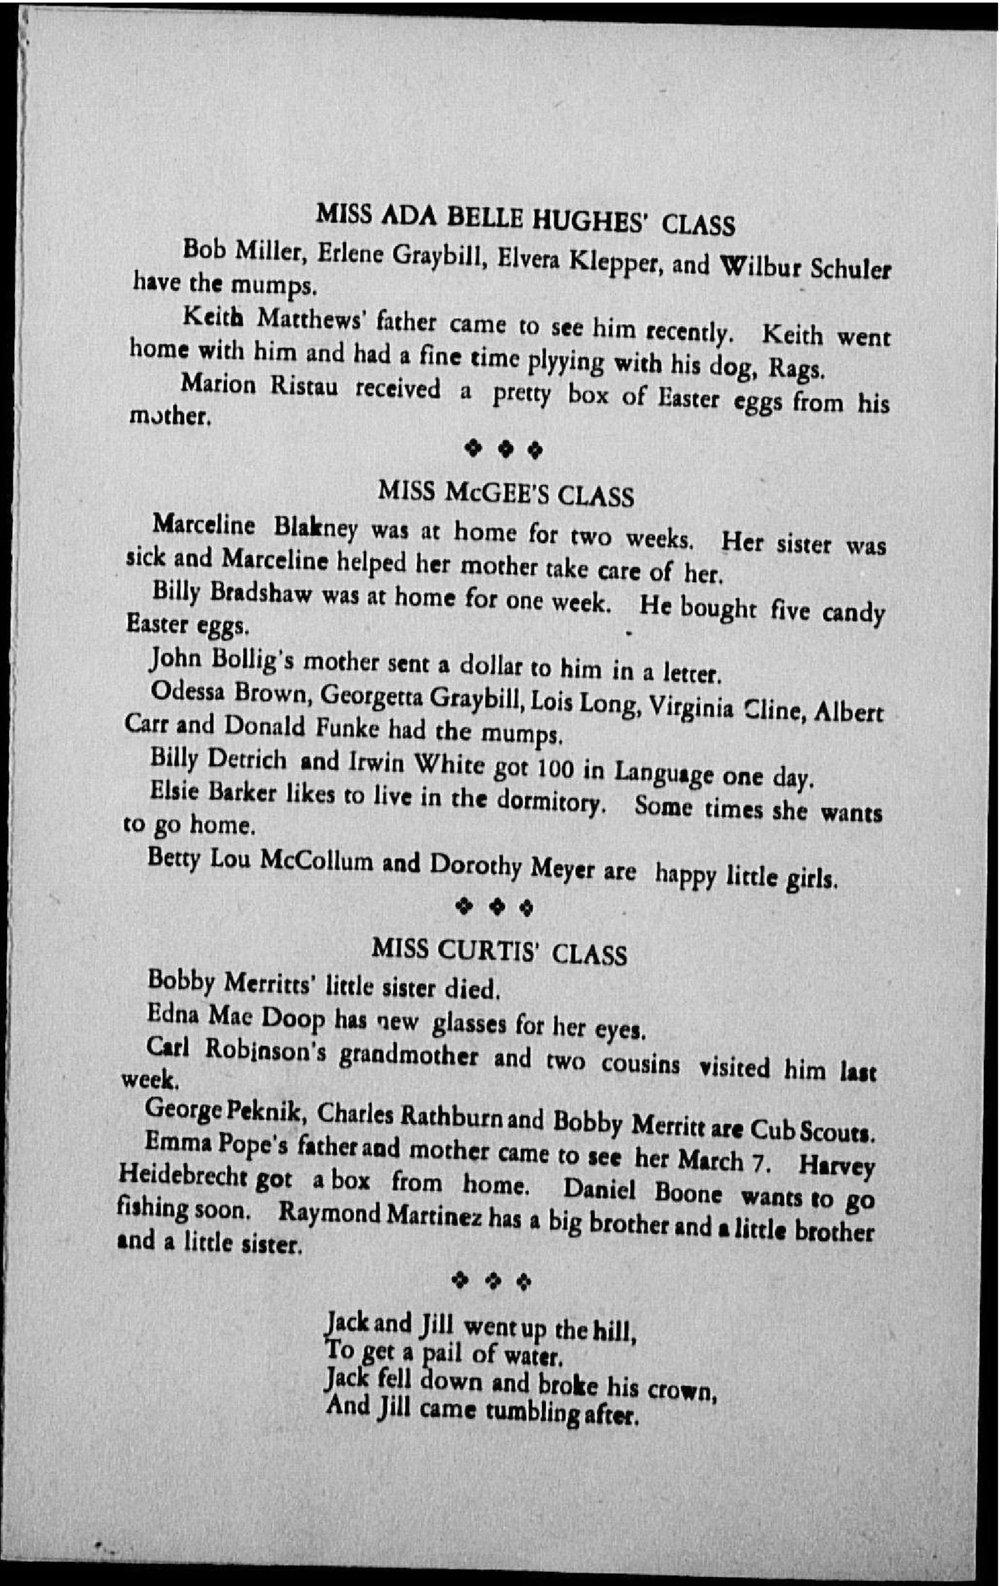 The Kansas Star, volume 50, number 5 - Starlet 4